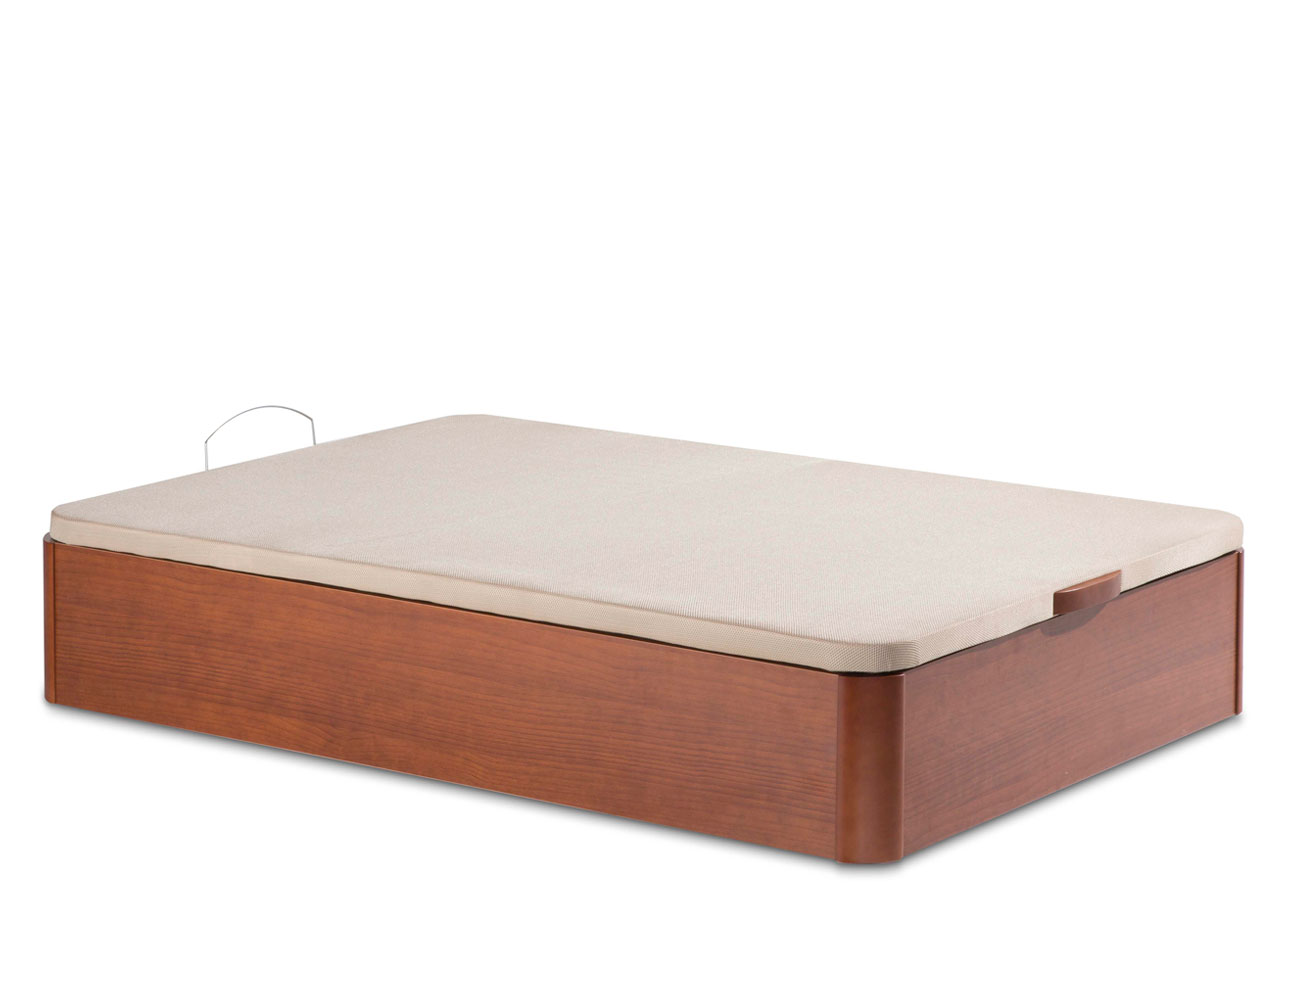 Canape madera base 3d 737